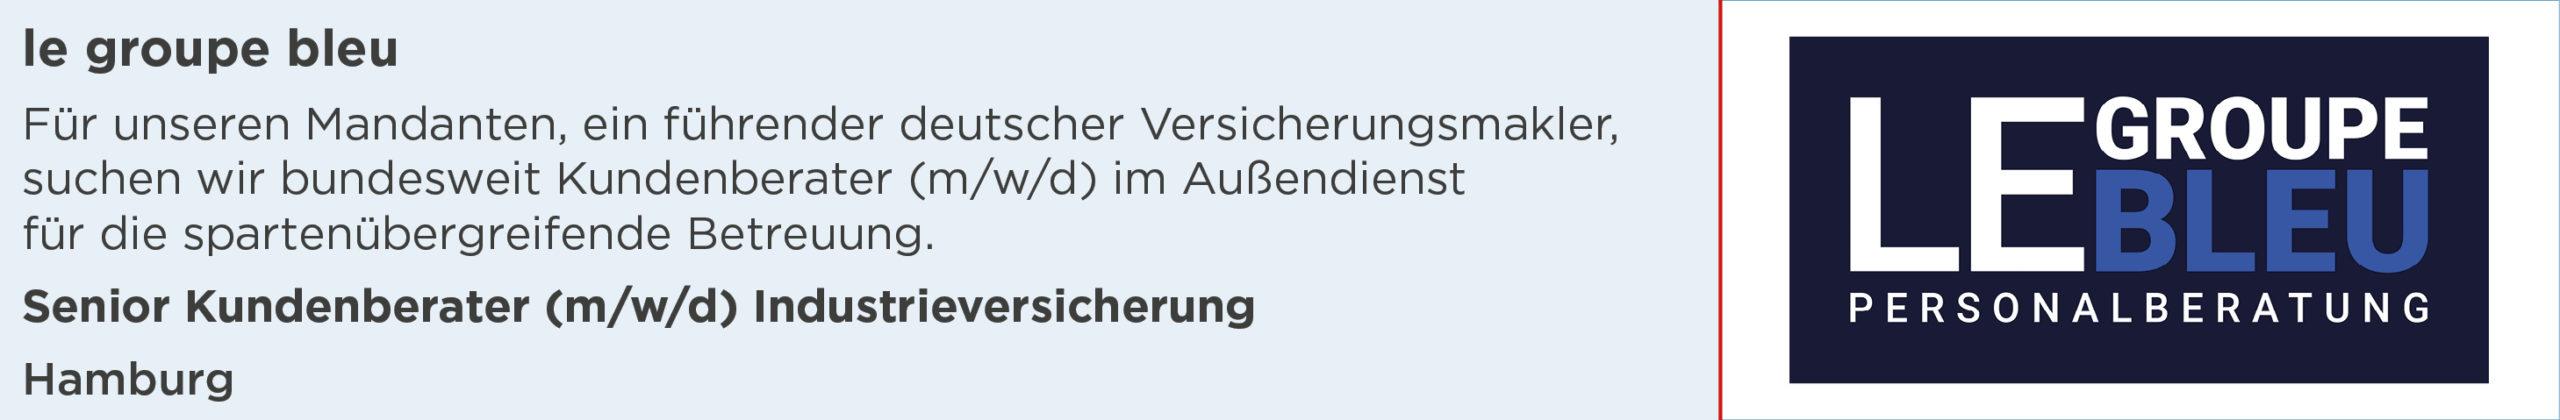 le groupe bleu, Stellenanzeige, Senior, Kundenberater, Industrieversicherung, Hamburg